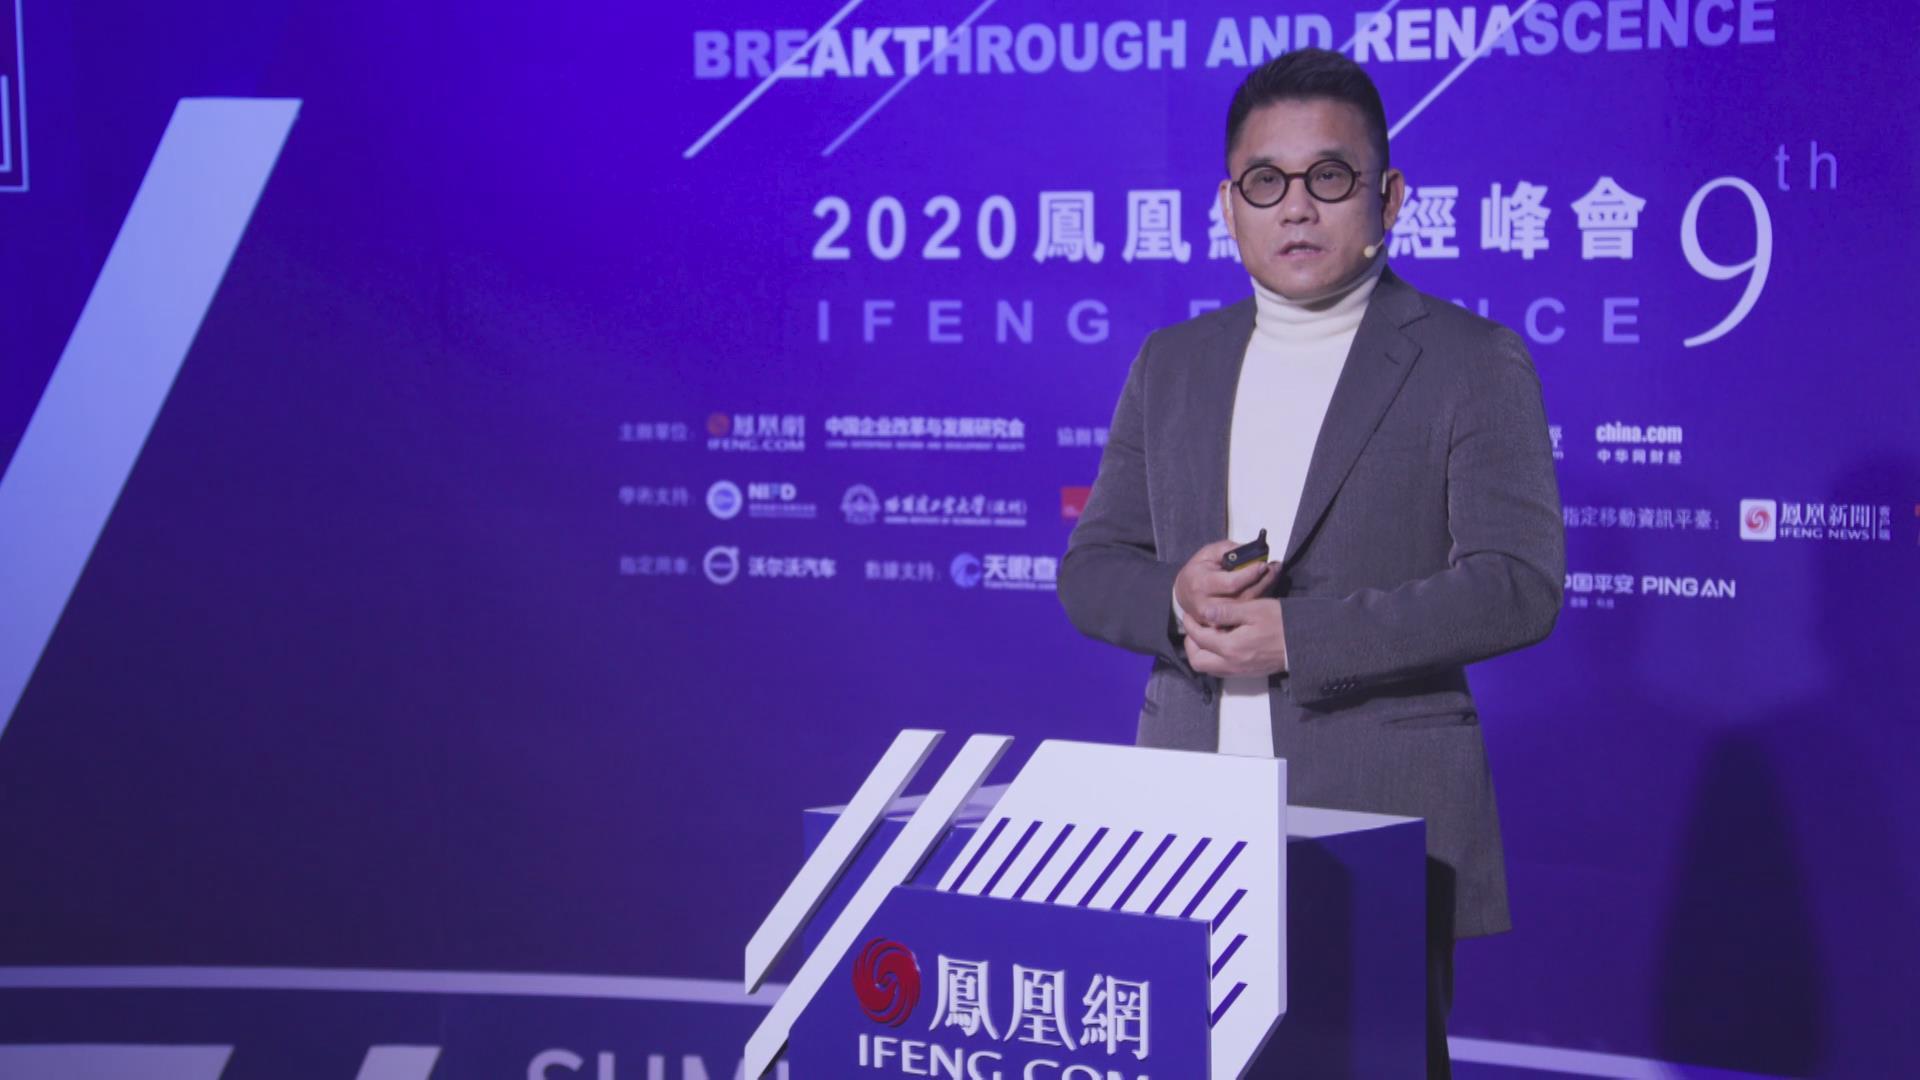 盛希泰:今年出口贸易大幅度提升 充分证明了中国是全球制造业第一大国